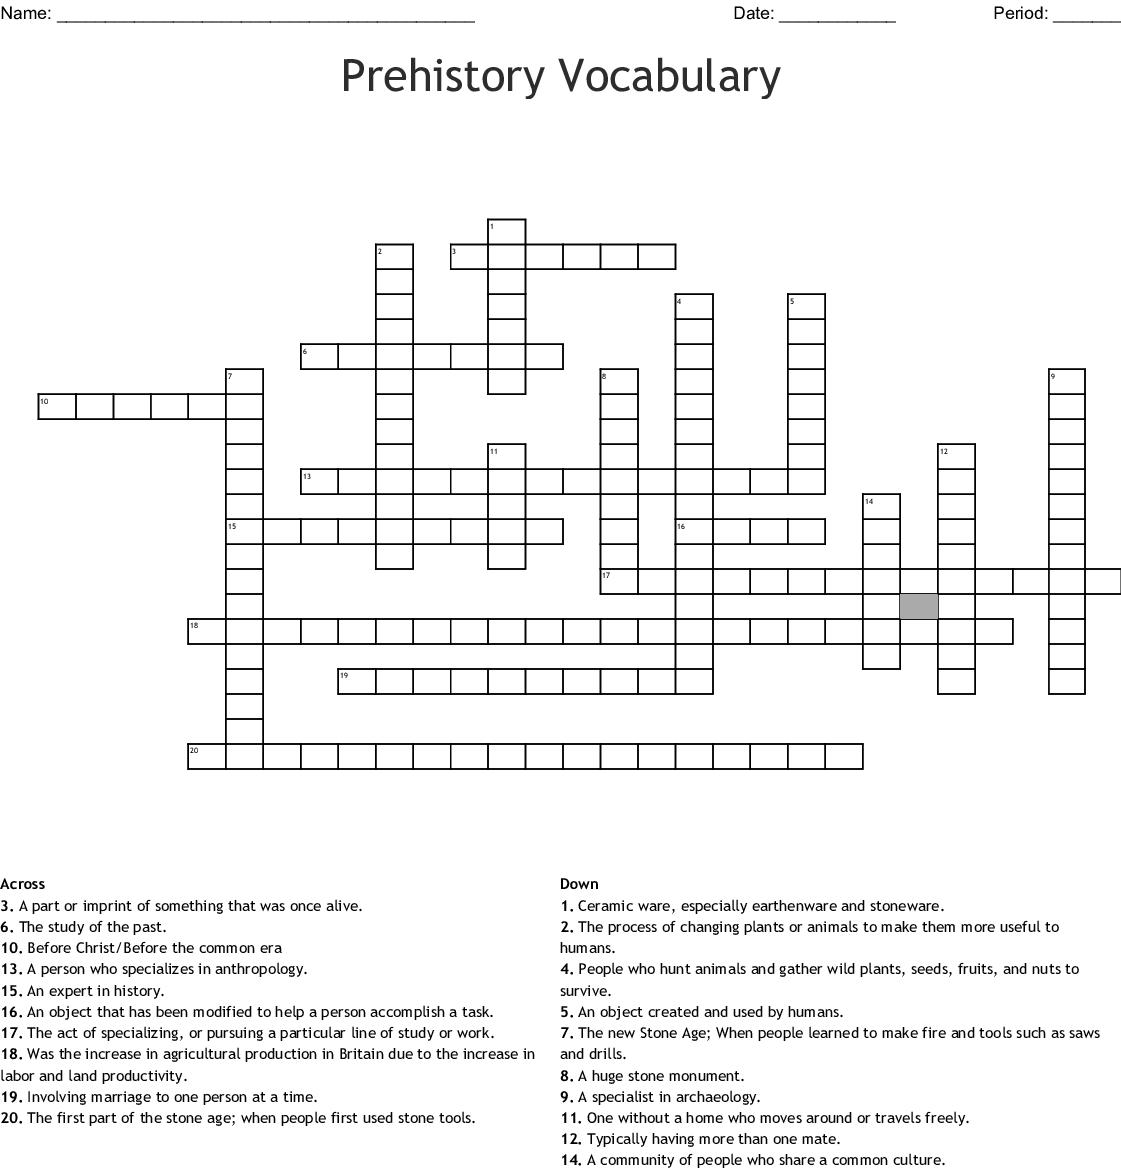 Prehistory Vocabulary Crossword Puzzle